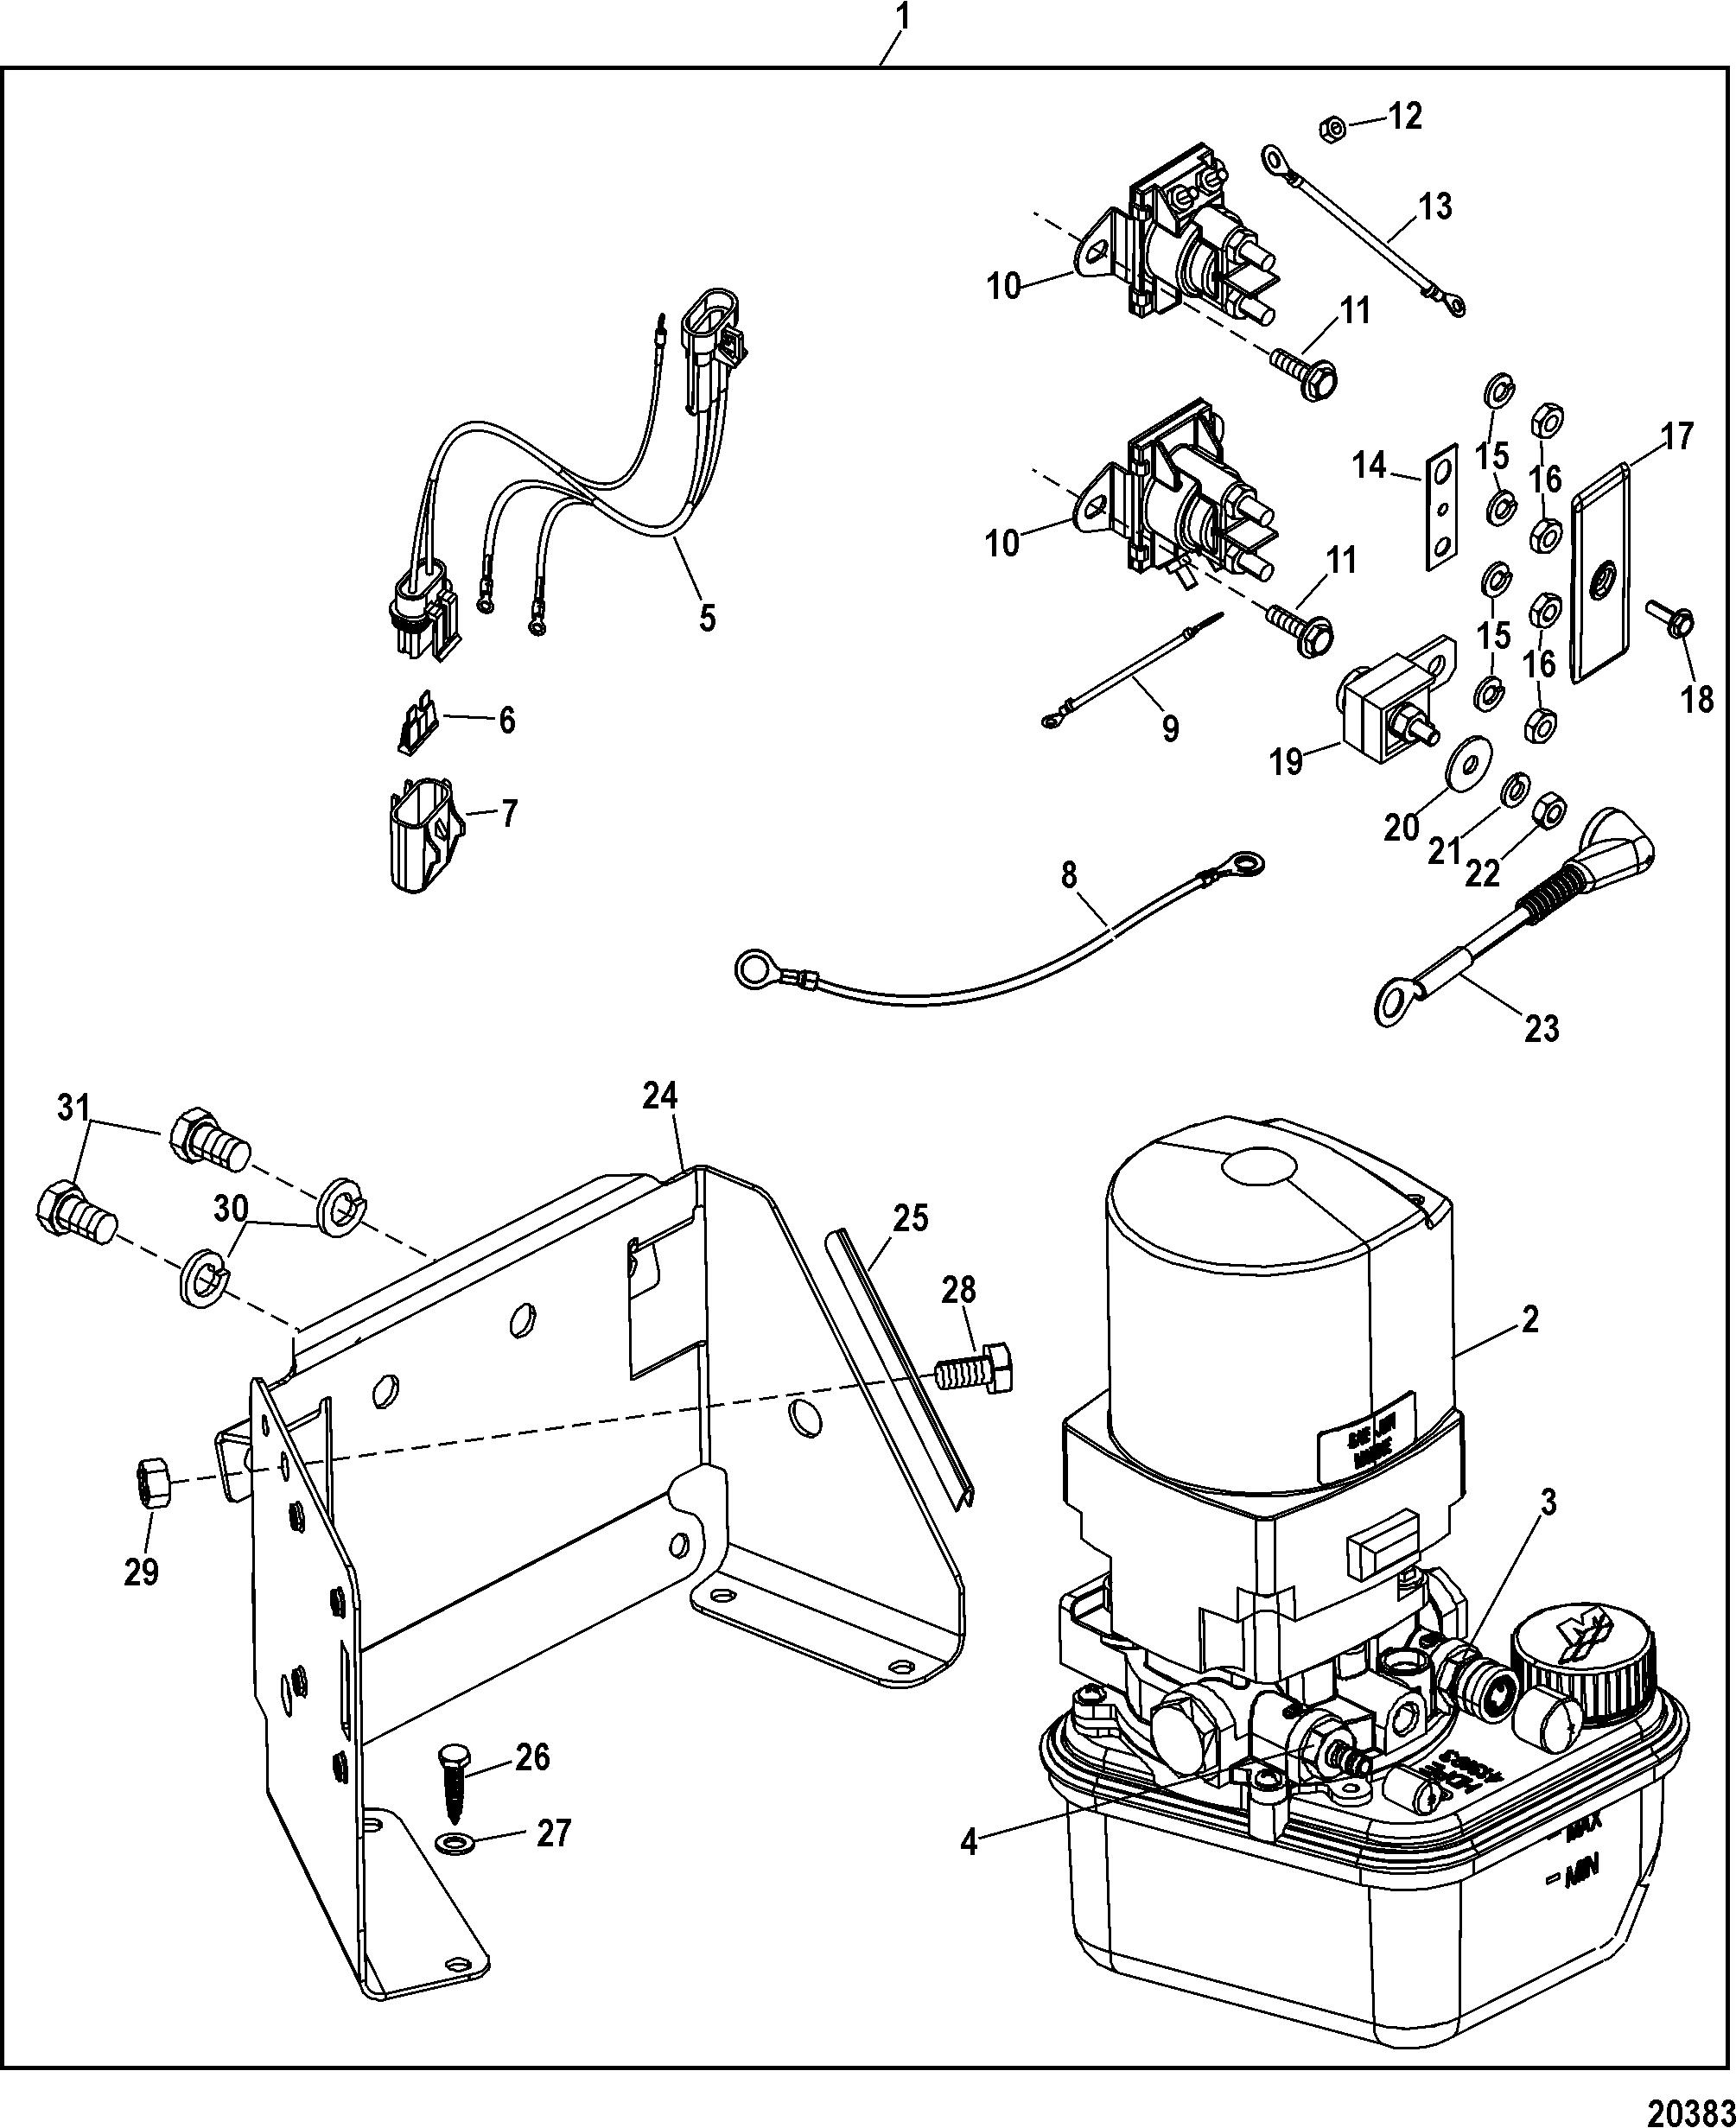 Trim Pump Assembly For Mercruiser 4 3l Mpi Alpha  Bravo Ec